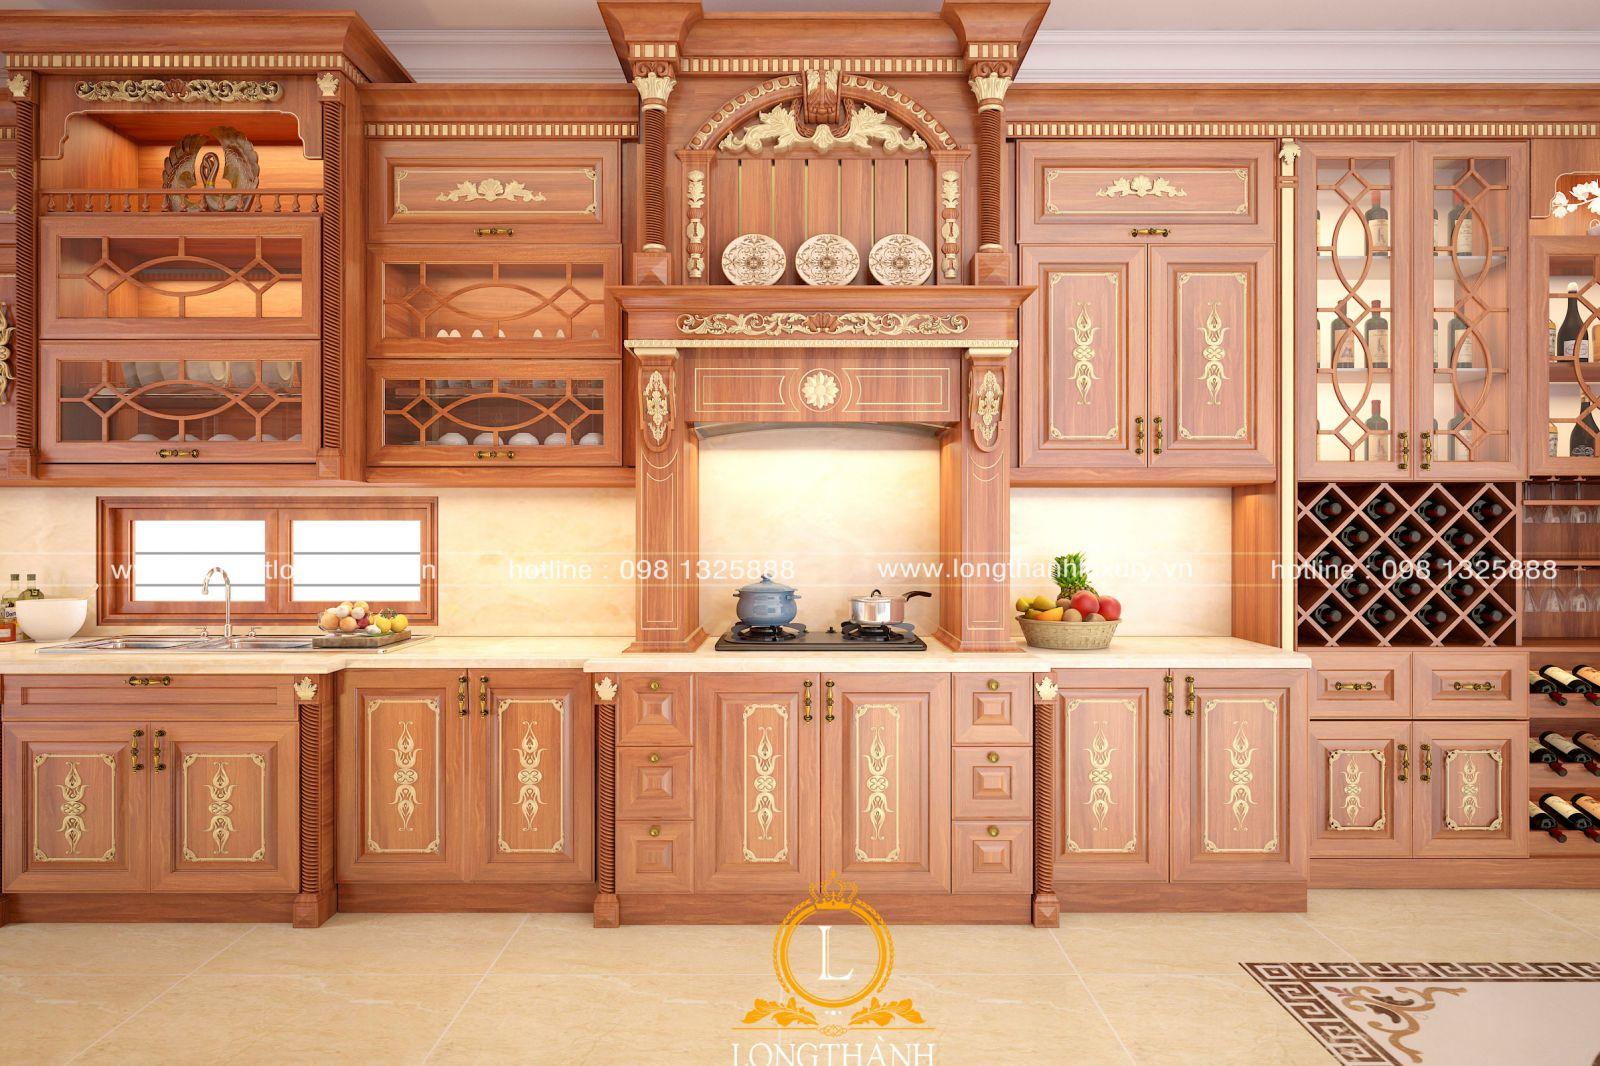 Tay nắm tủ bếp hình chữ D theo phong cách tân cổ điển với tủ bếp tân cổ điển